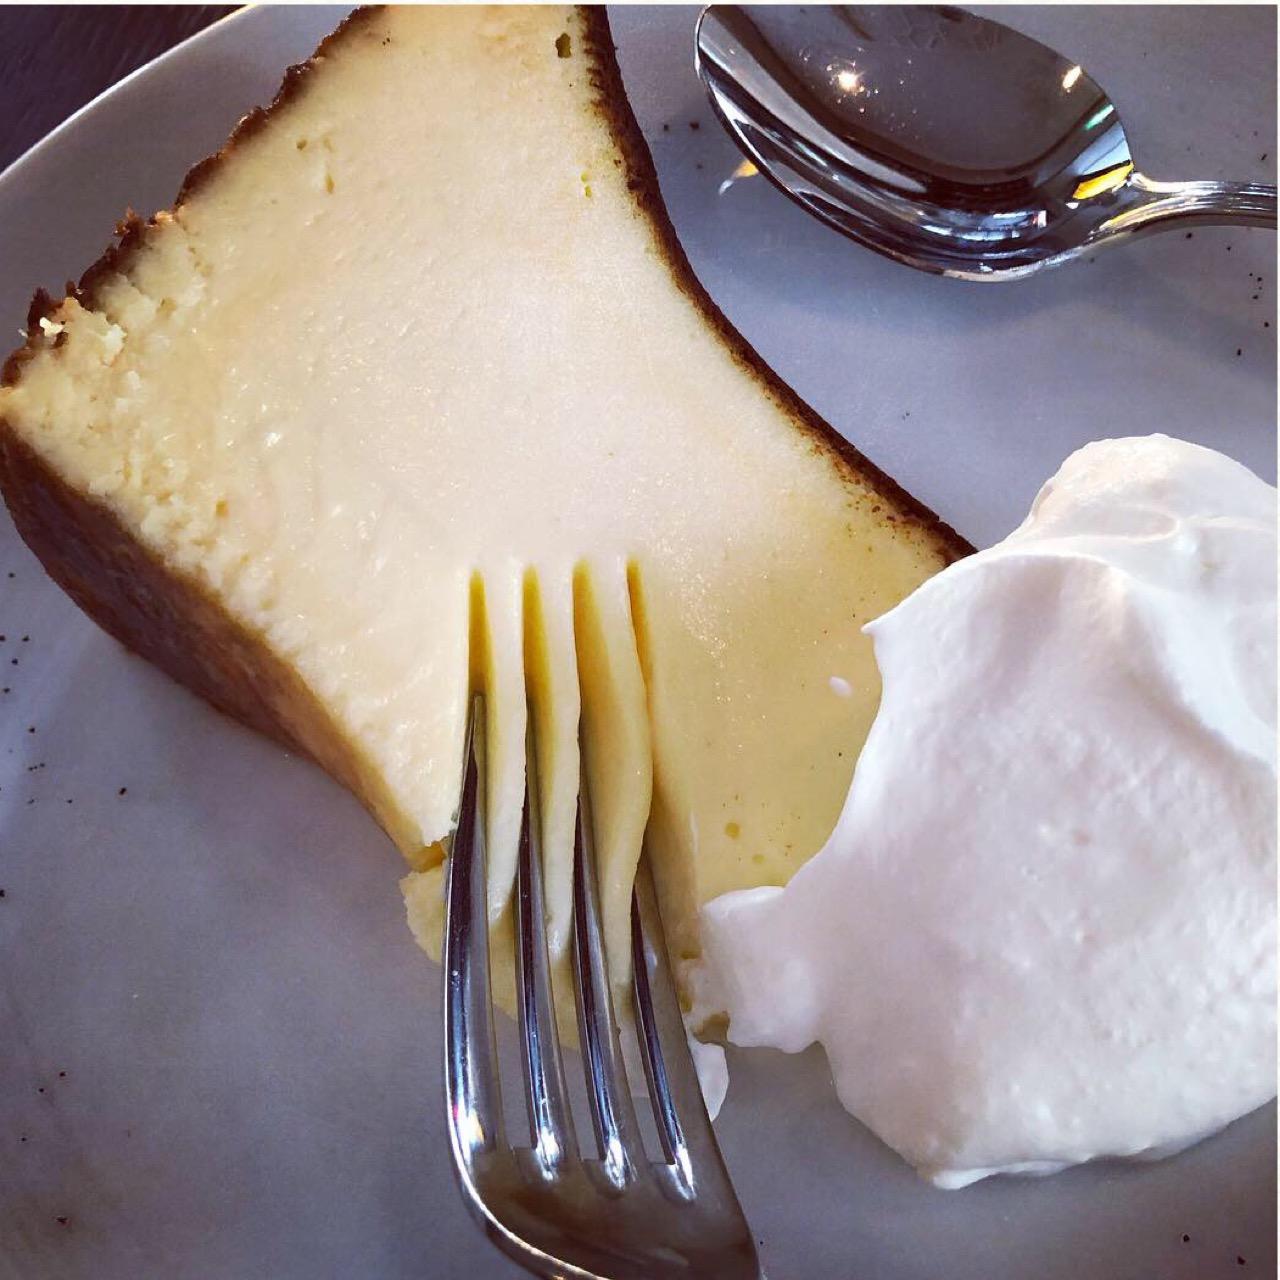 いまバズっているスイーツ!バスクチーズケーキを東京で食べるならココ♡_2